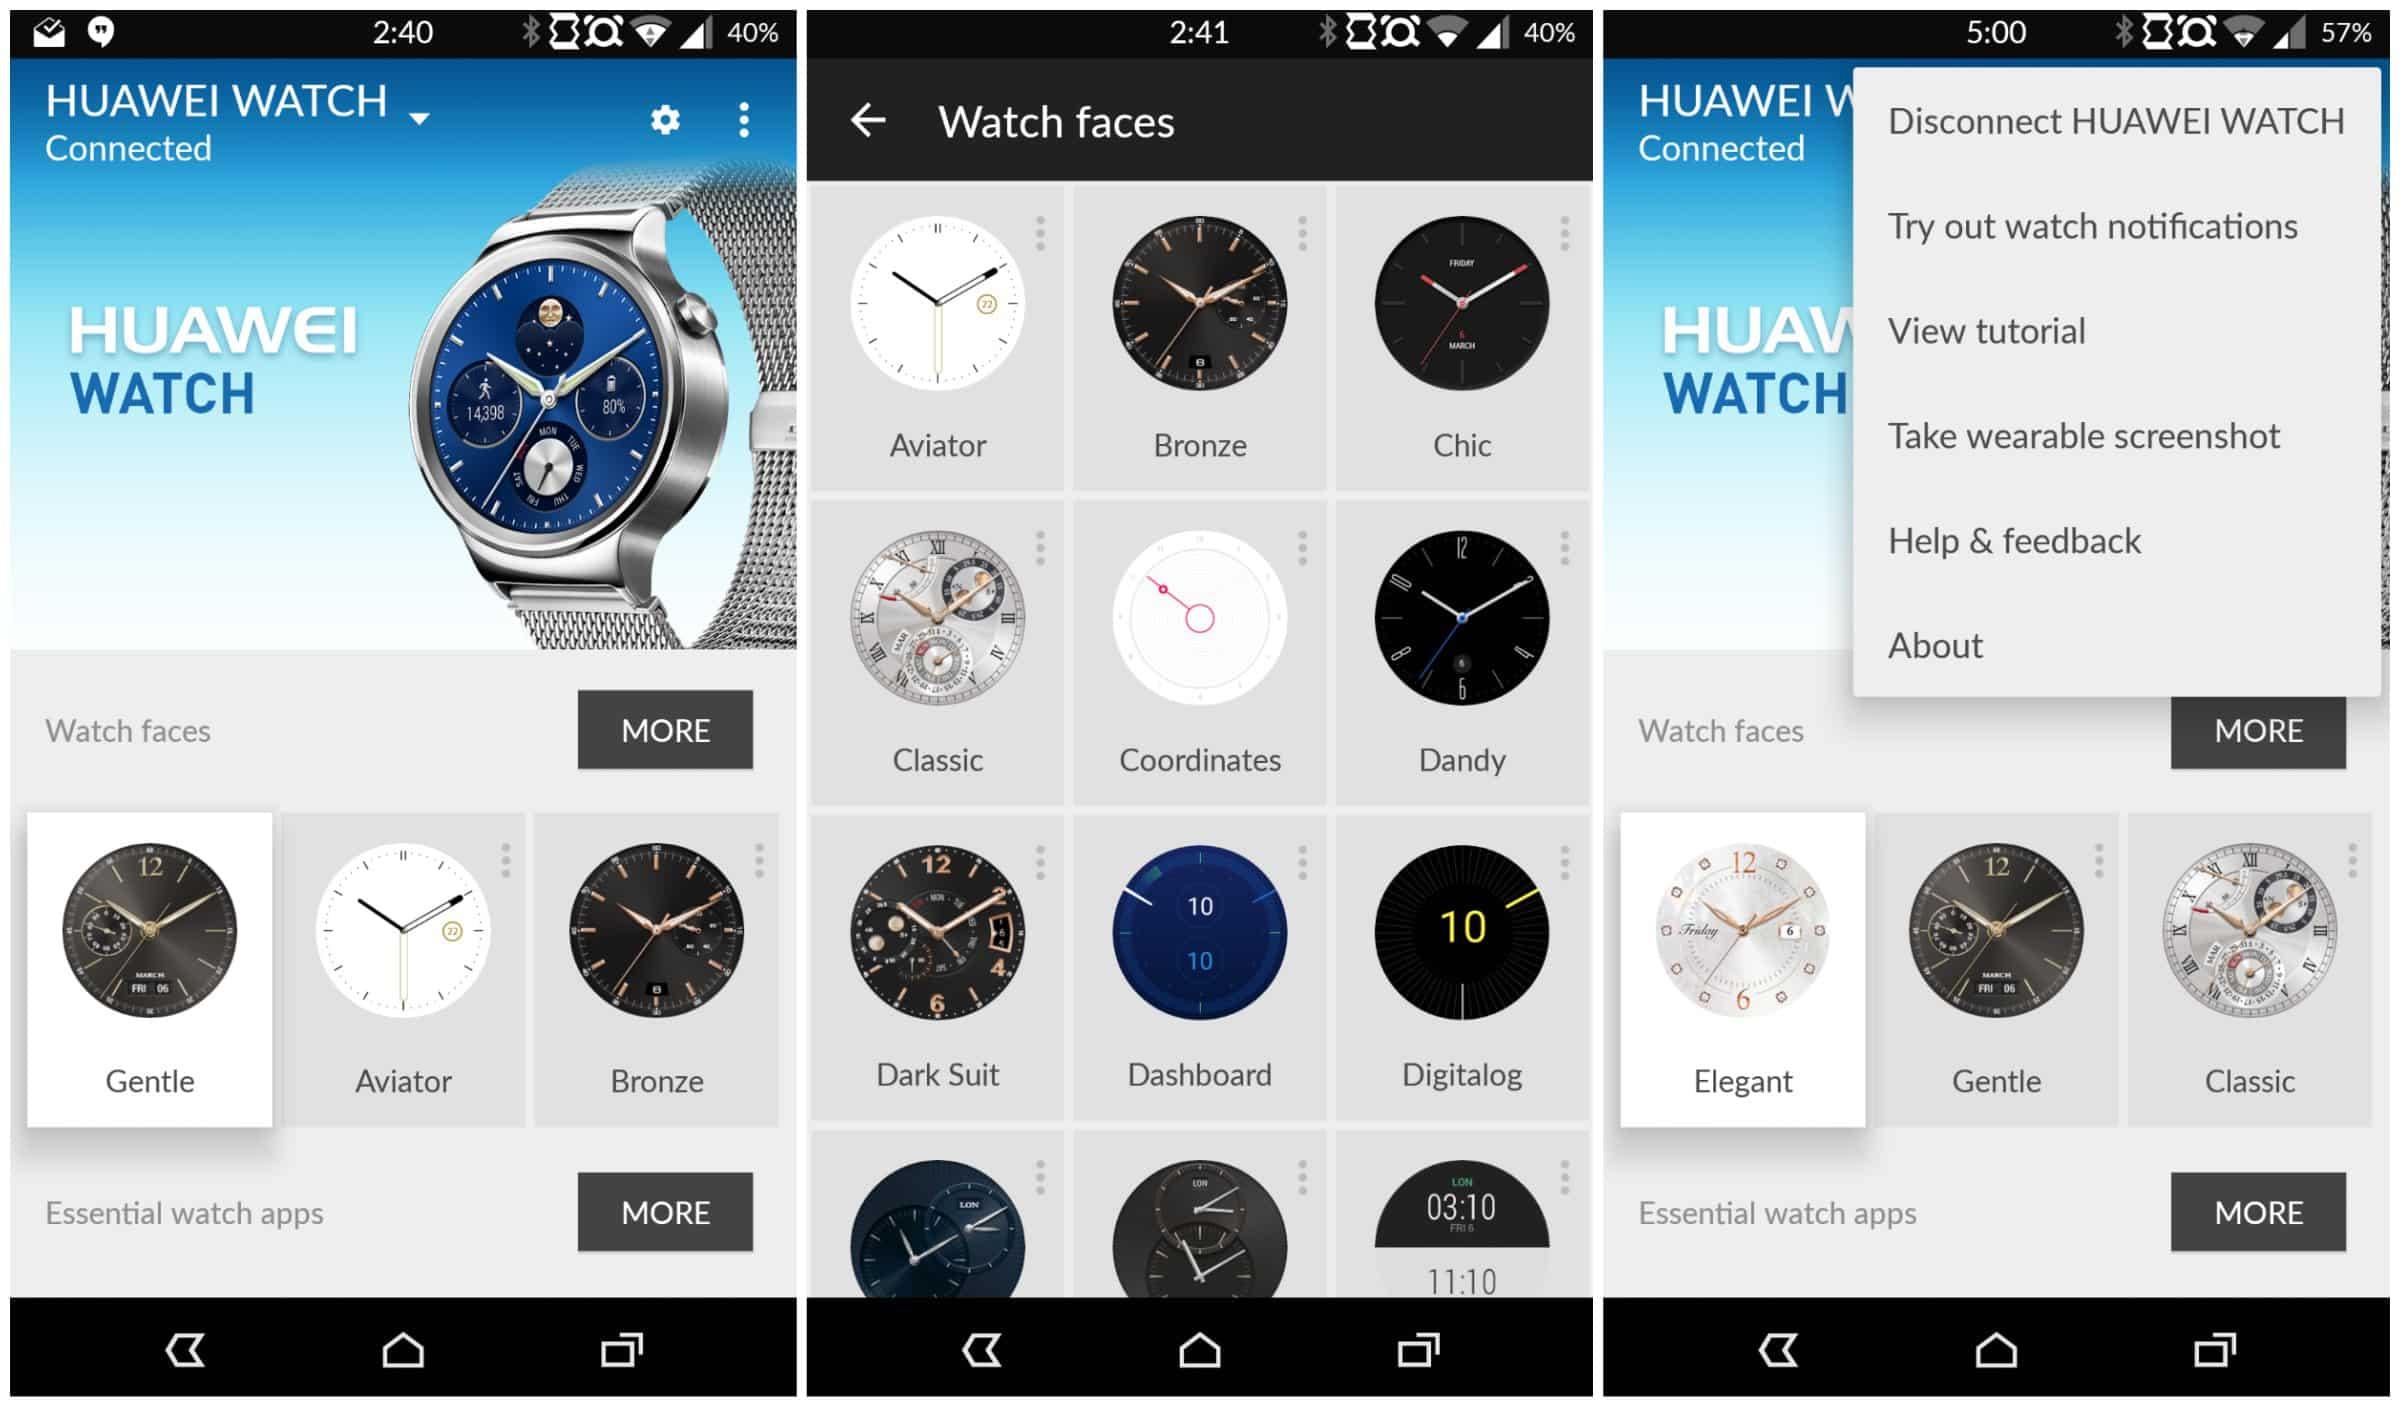 Huawei Watch App Screen